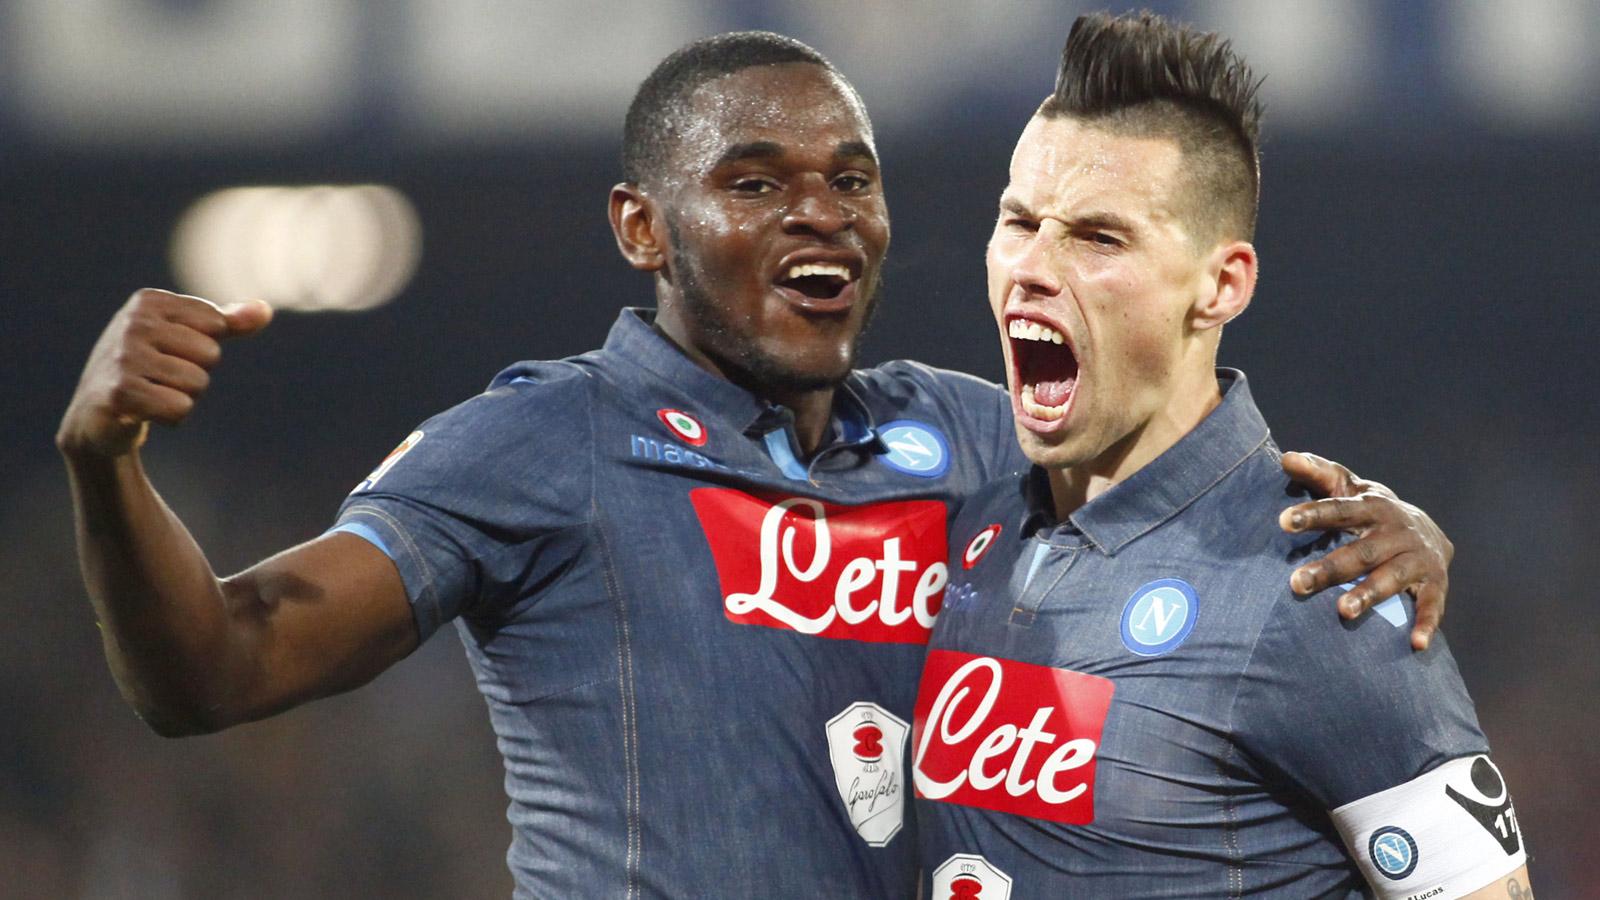 Napoli close in on Roma; Icardi leads Inter past Cagliari